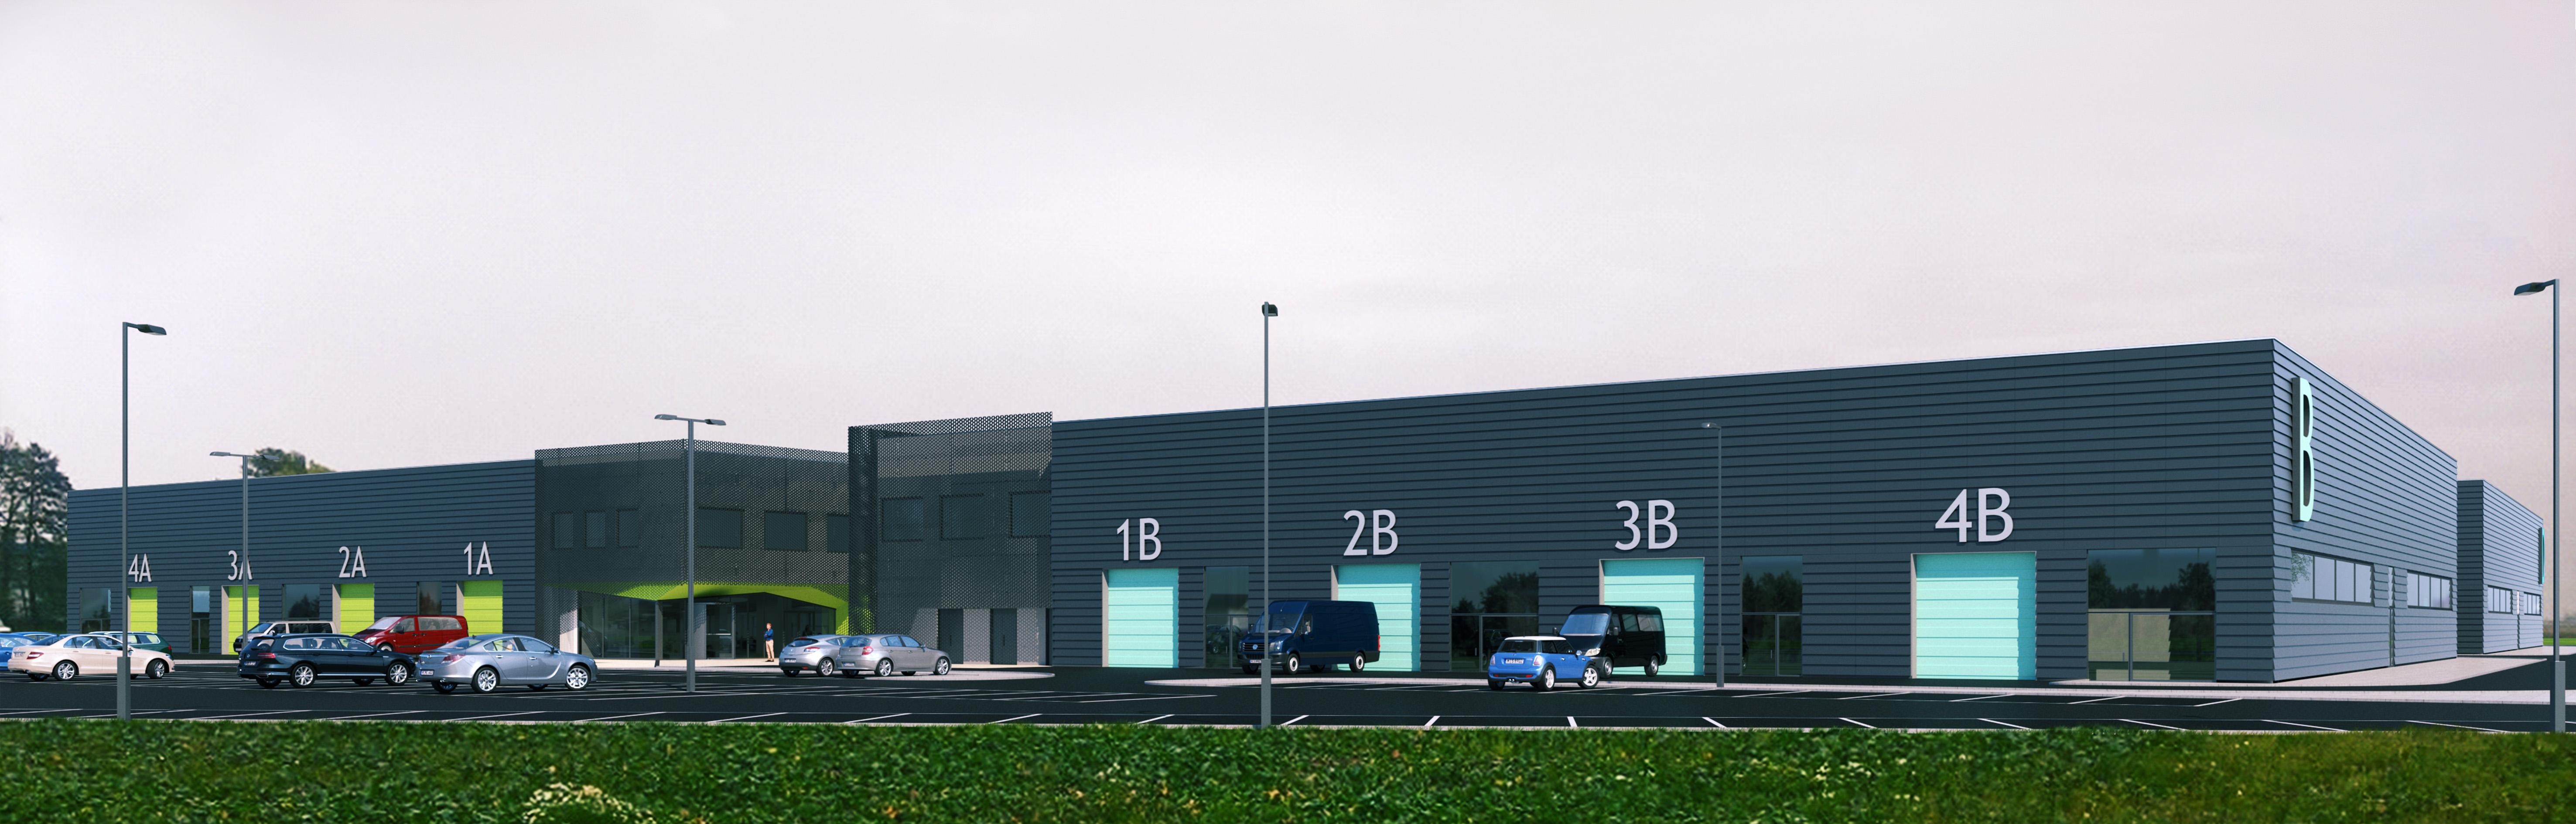 Akcelerator biznesowy - kompleks modularnych hal przemysłowych